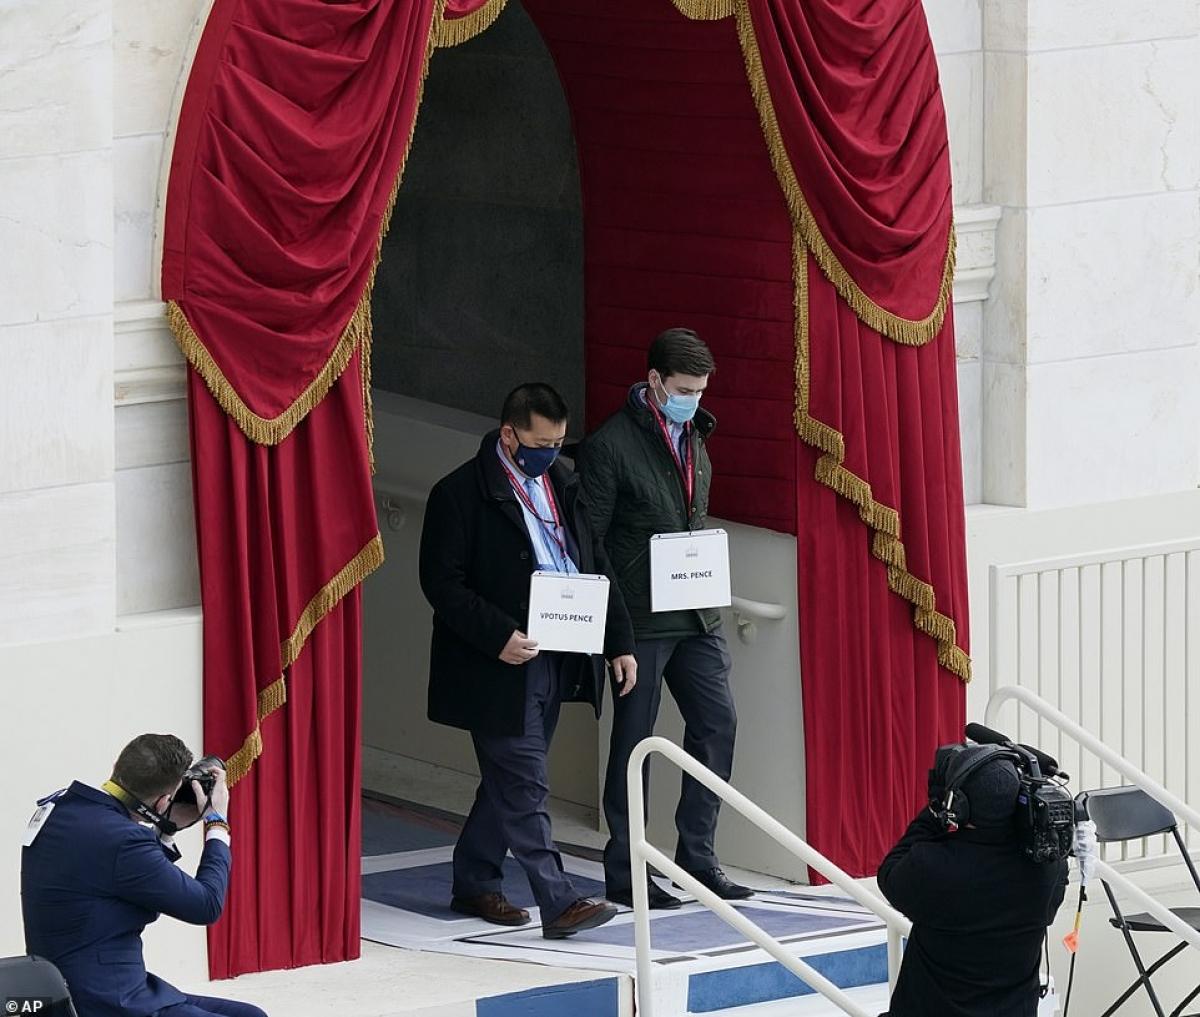 Trong số các khách mời tới dự lễ nhậm chức của ông Biden, có cả các cựu Tổng thống George W. Bush và Barack Obama. Tổng thống Donald Trump được cho là sẽ không tới dự lễ nhậm chức của người kế nhiệm. Ảnh: AP